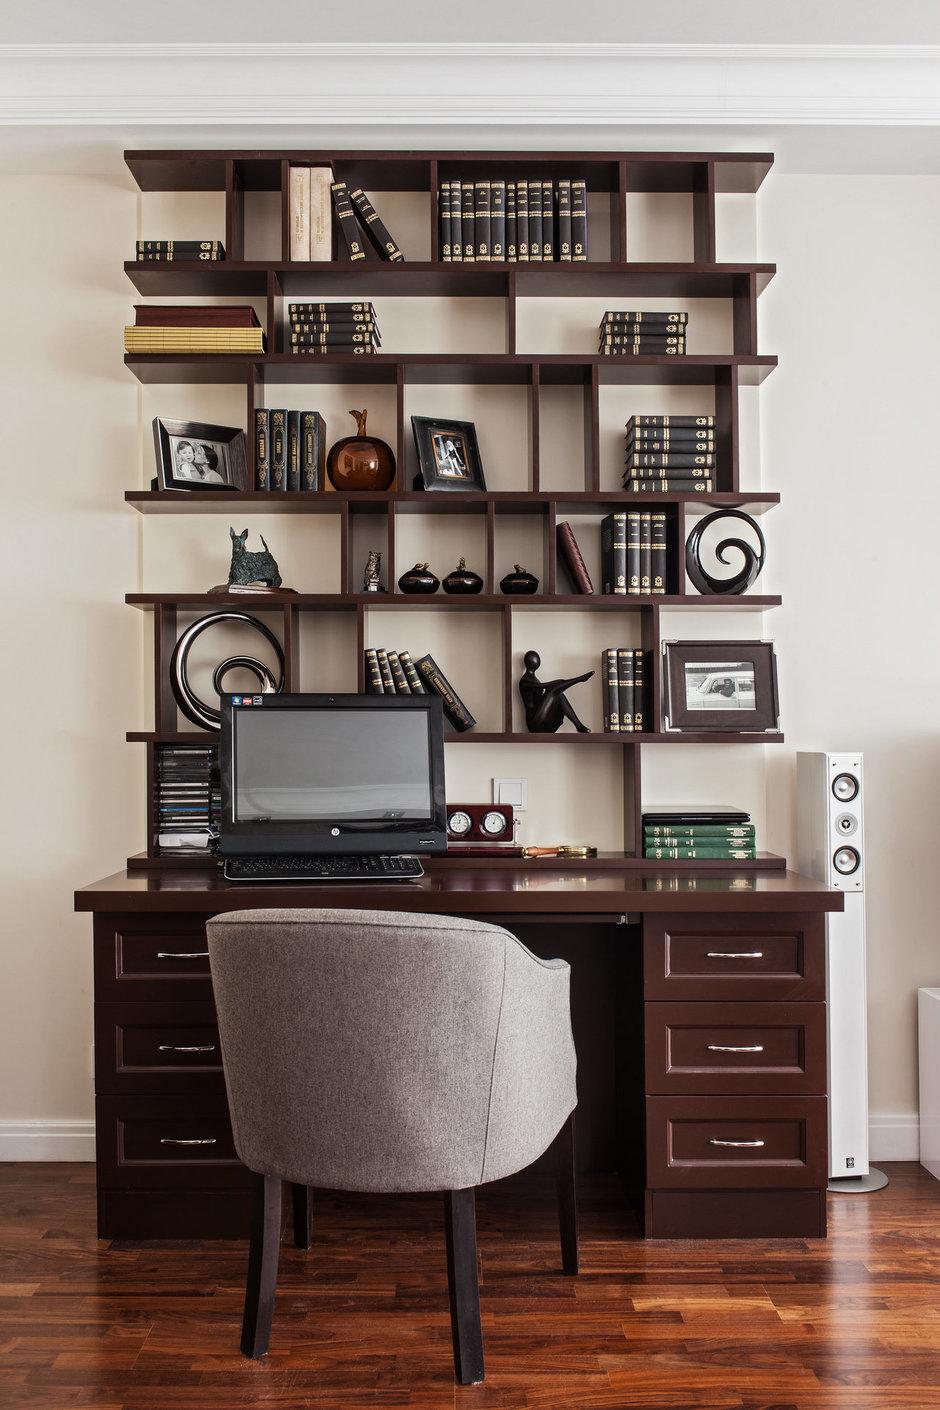 Фотография: Офис в стиле Современный, Квартира, Hudson Valley, Vistosi, Дома и квартиры, Проект недели, Porada – фото на InMyRoom.ru